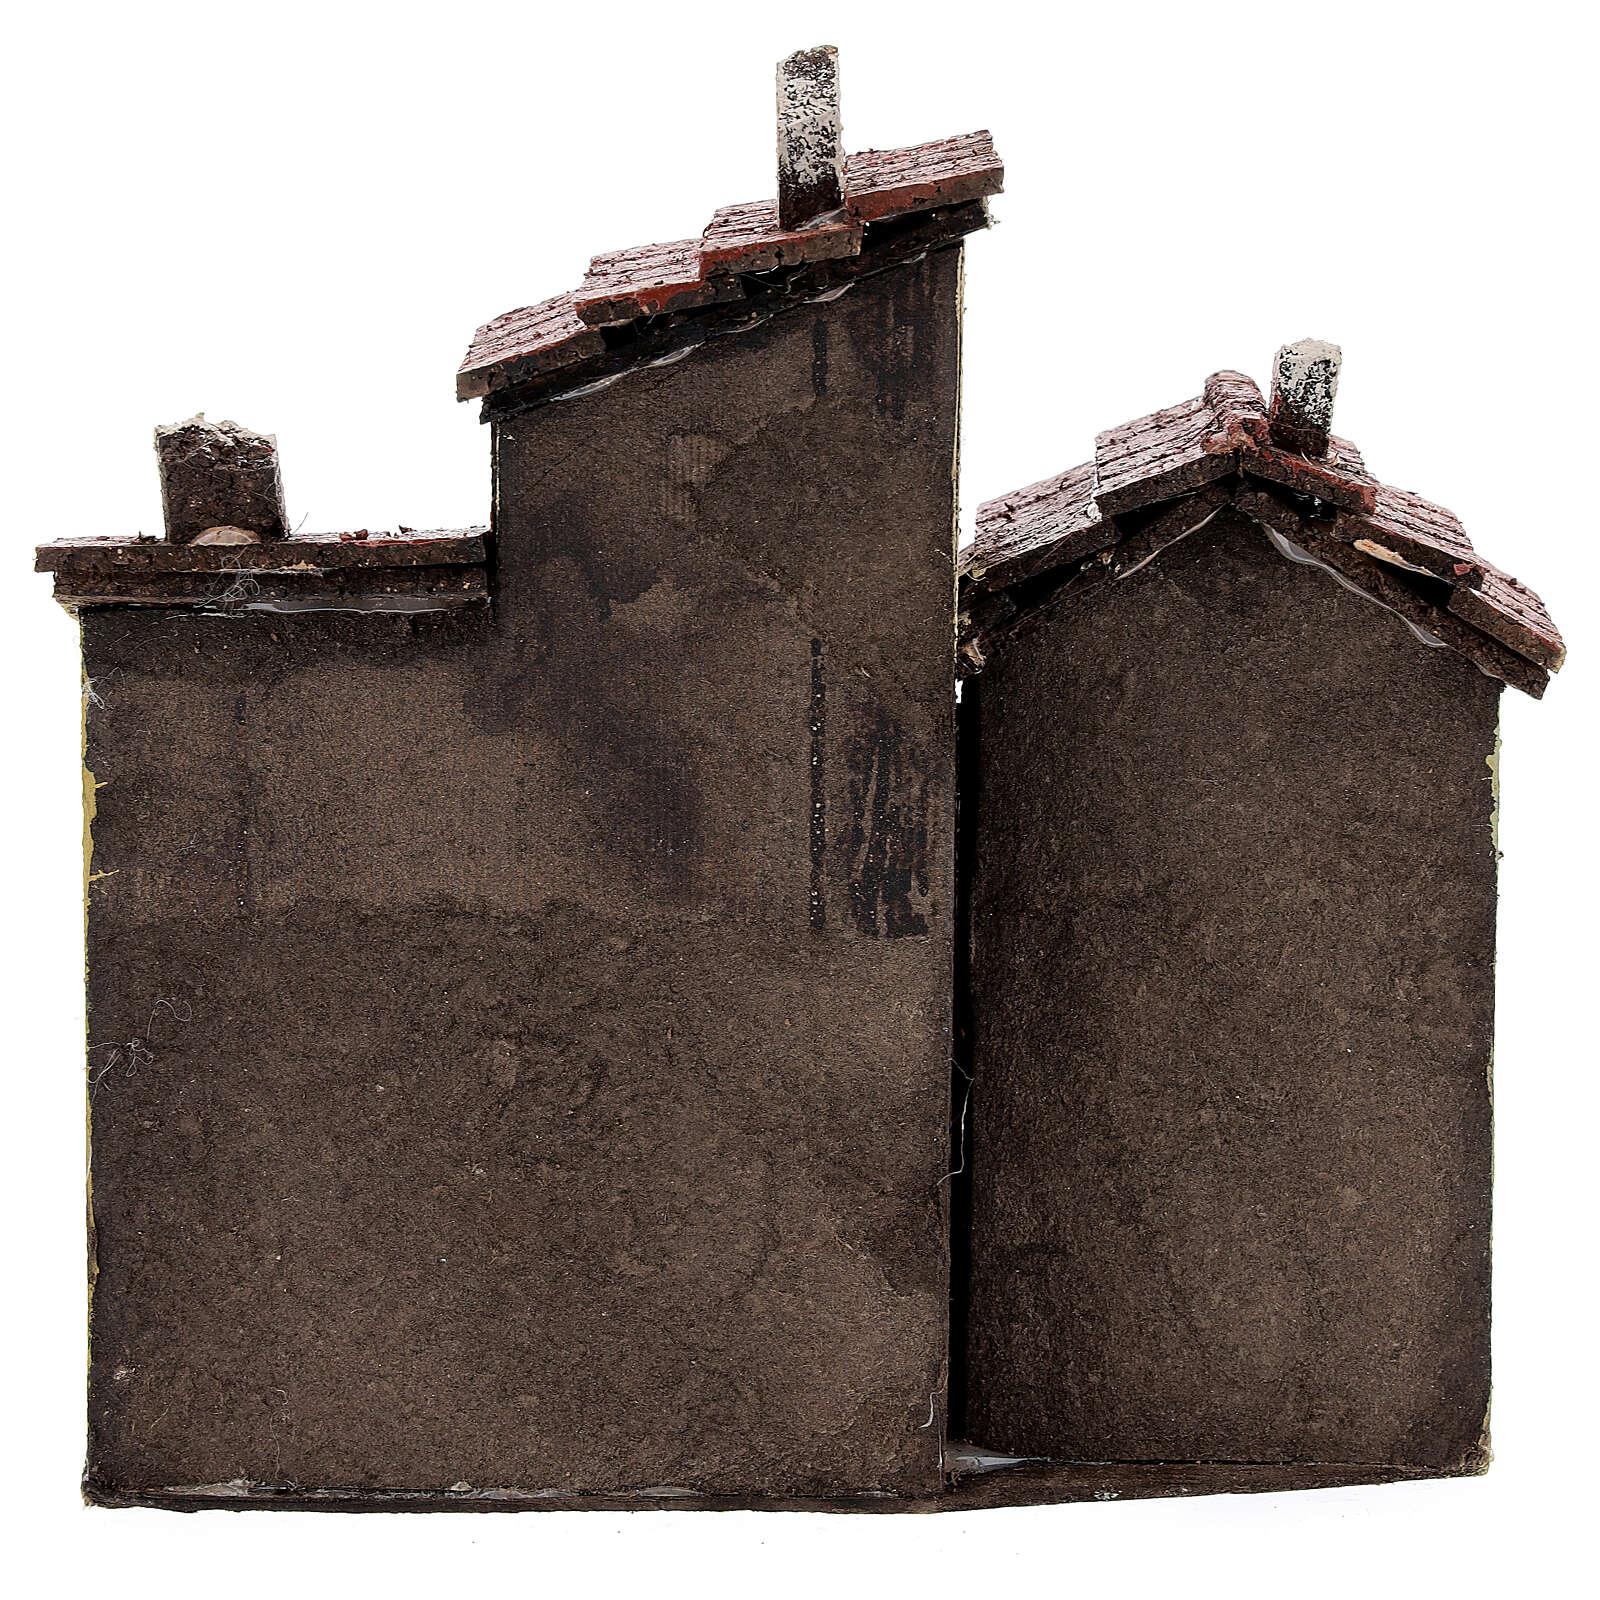 Tre case sughero presepe napoletano 15x15x10 per statue 3 cm 4